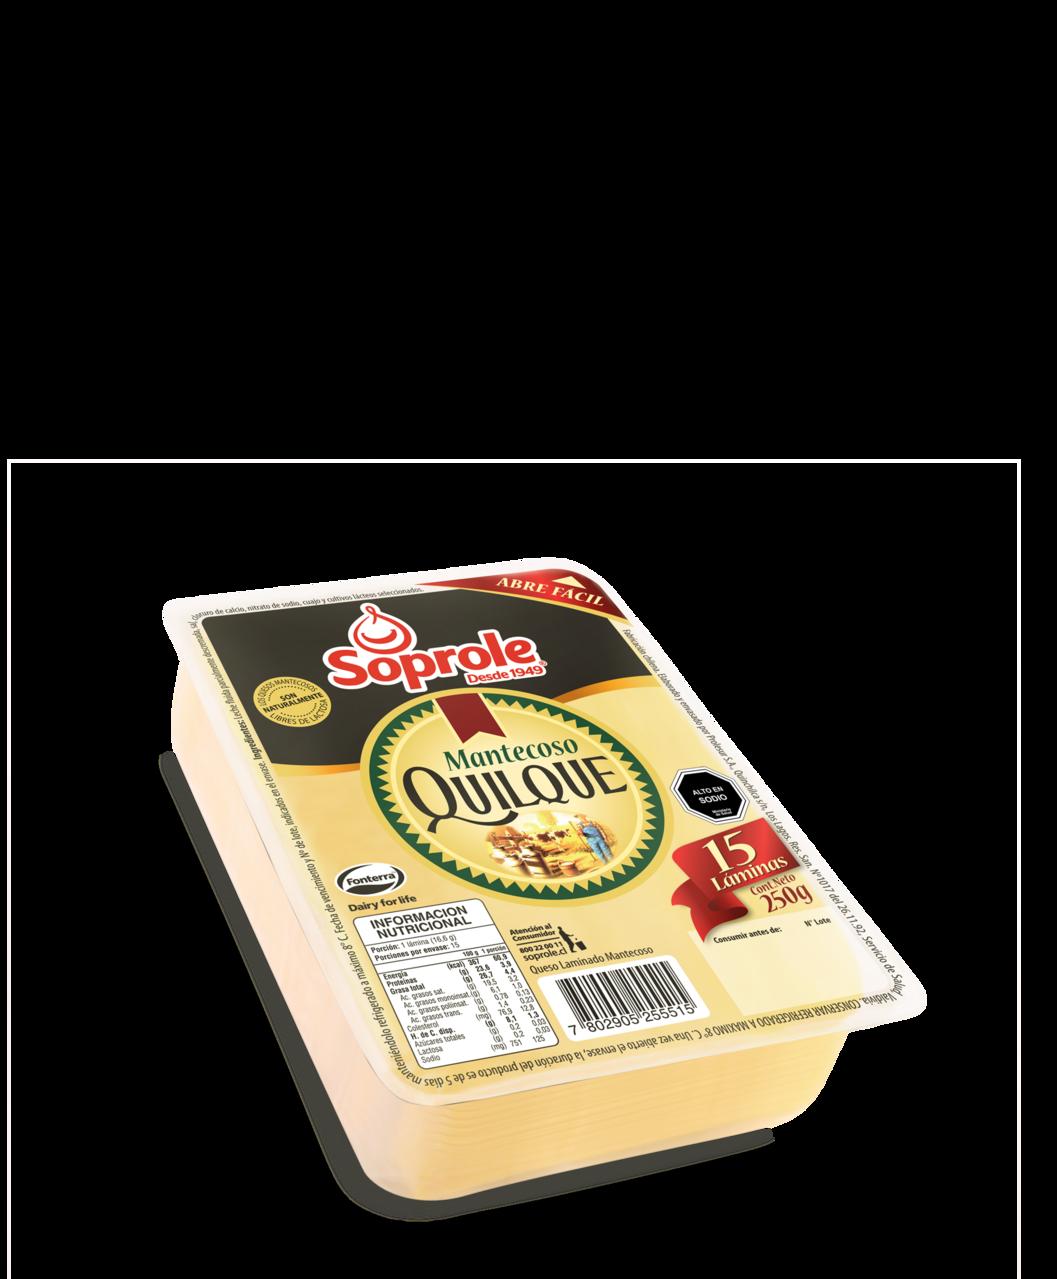 Soprole queso quilque mantecoso laminado 250g